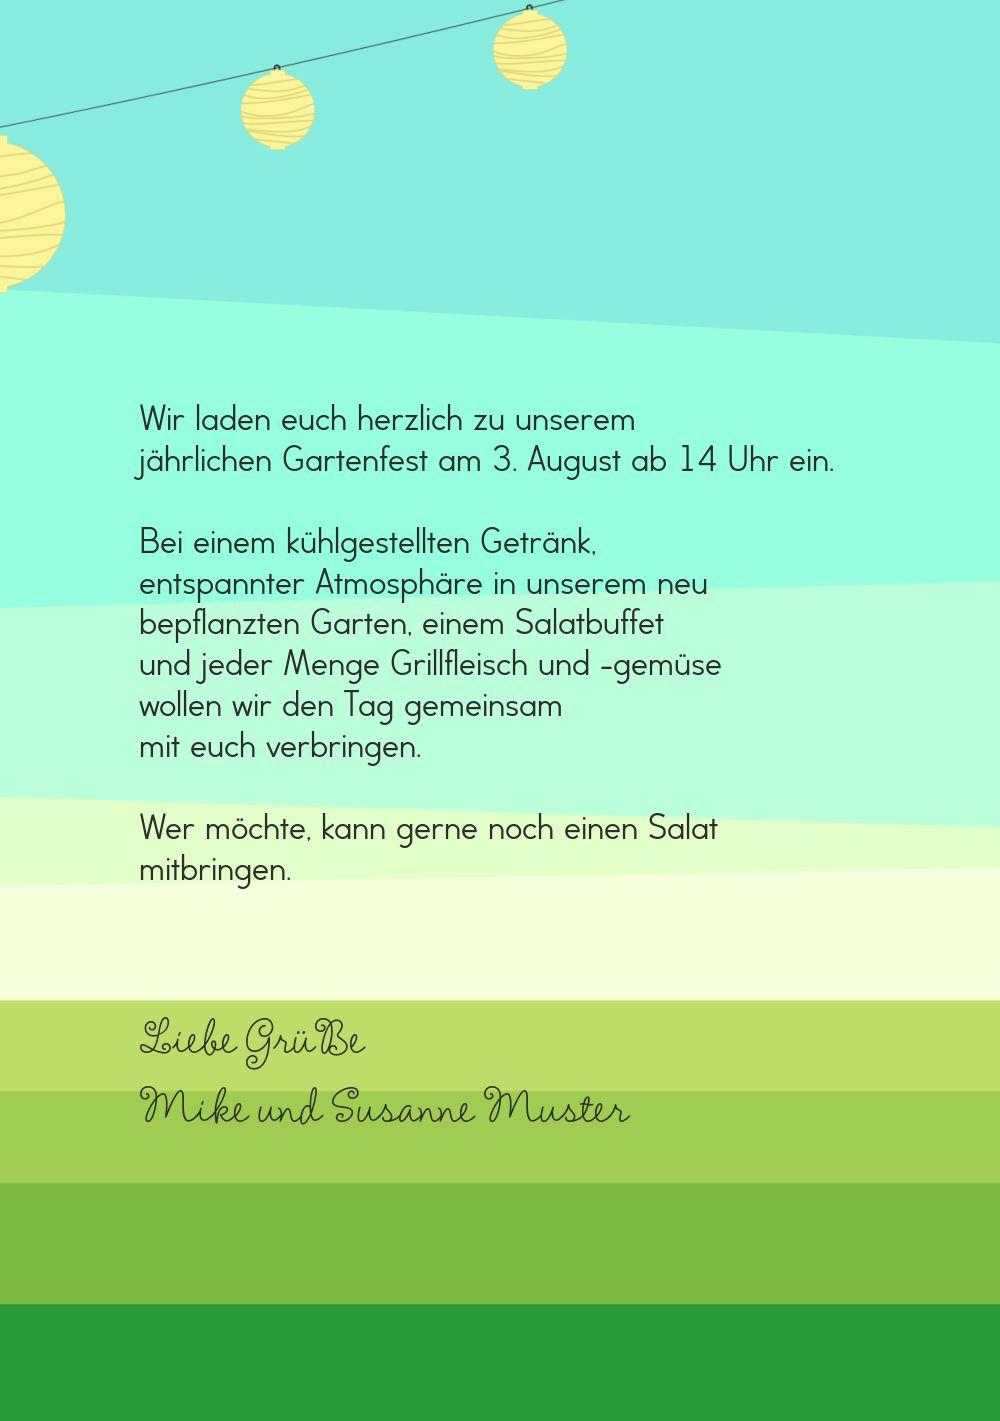 Ansicht 5 - Einladung Sommerfest flächiger Garten